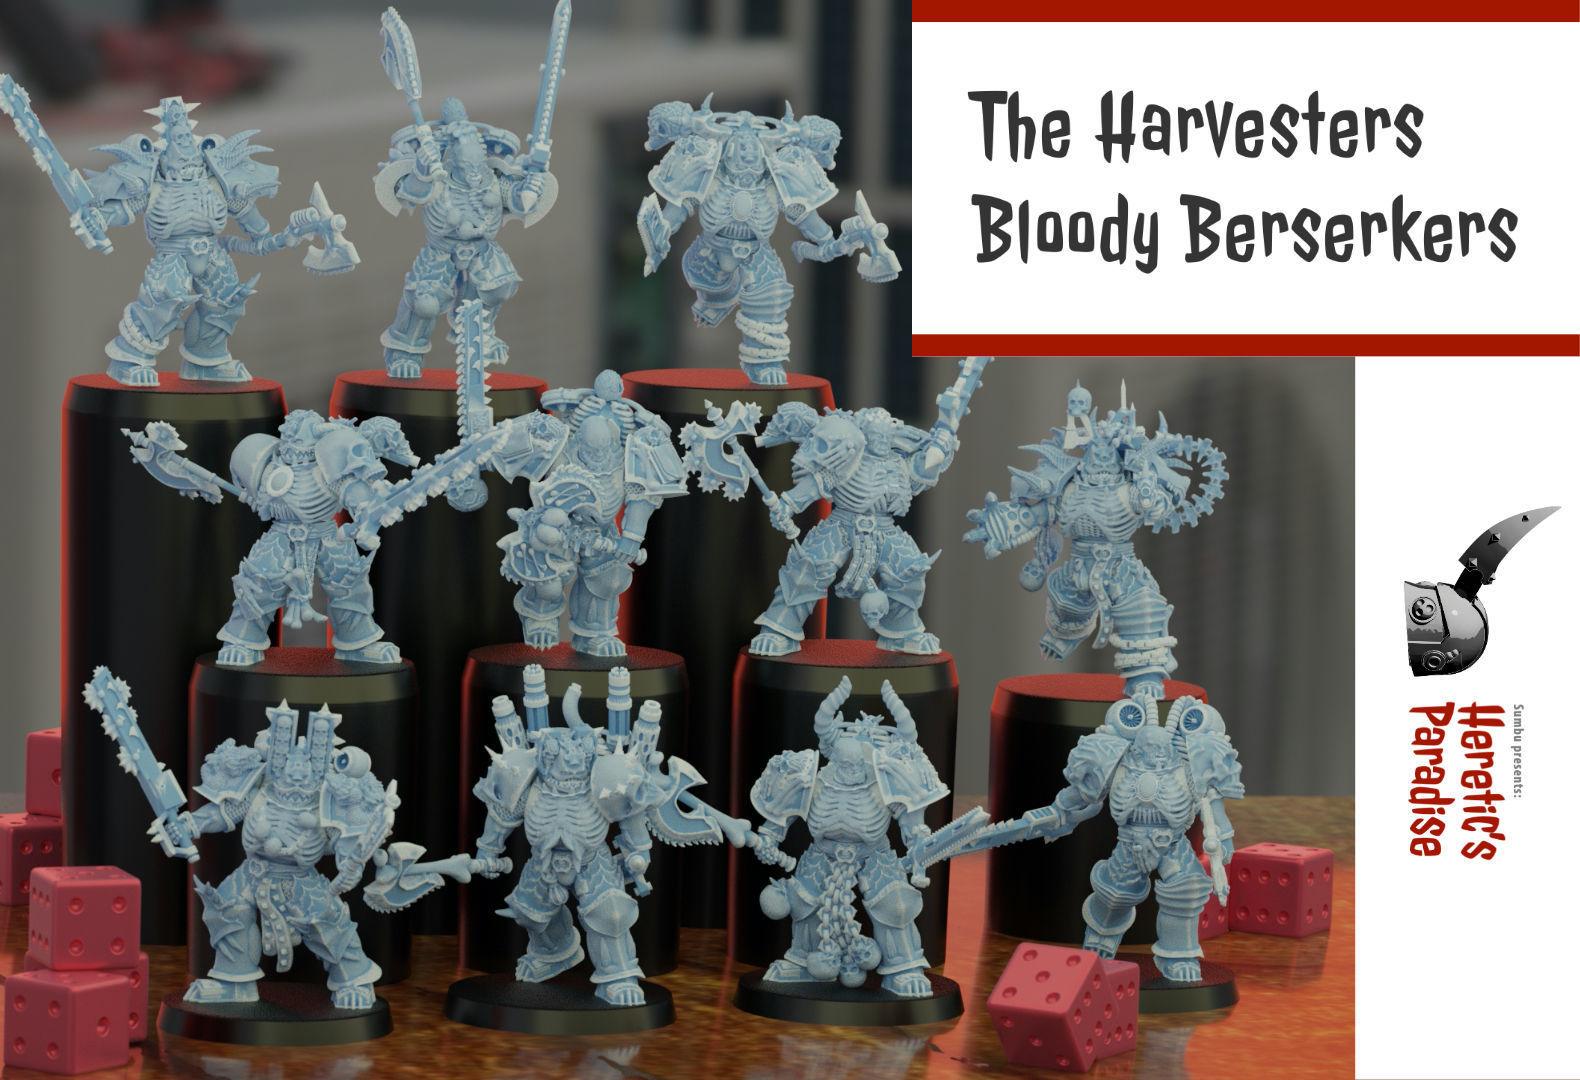 The Harvesters - Bloody Berserkers